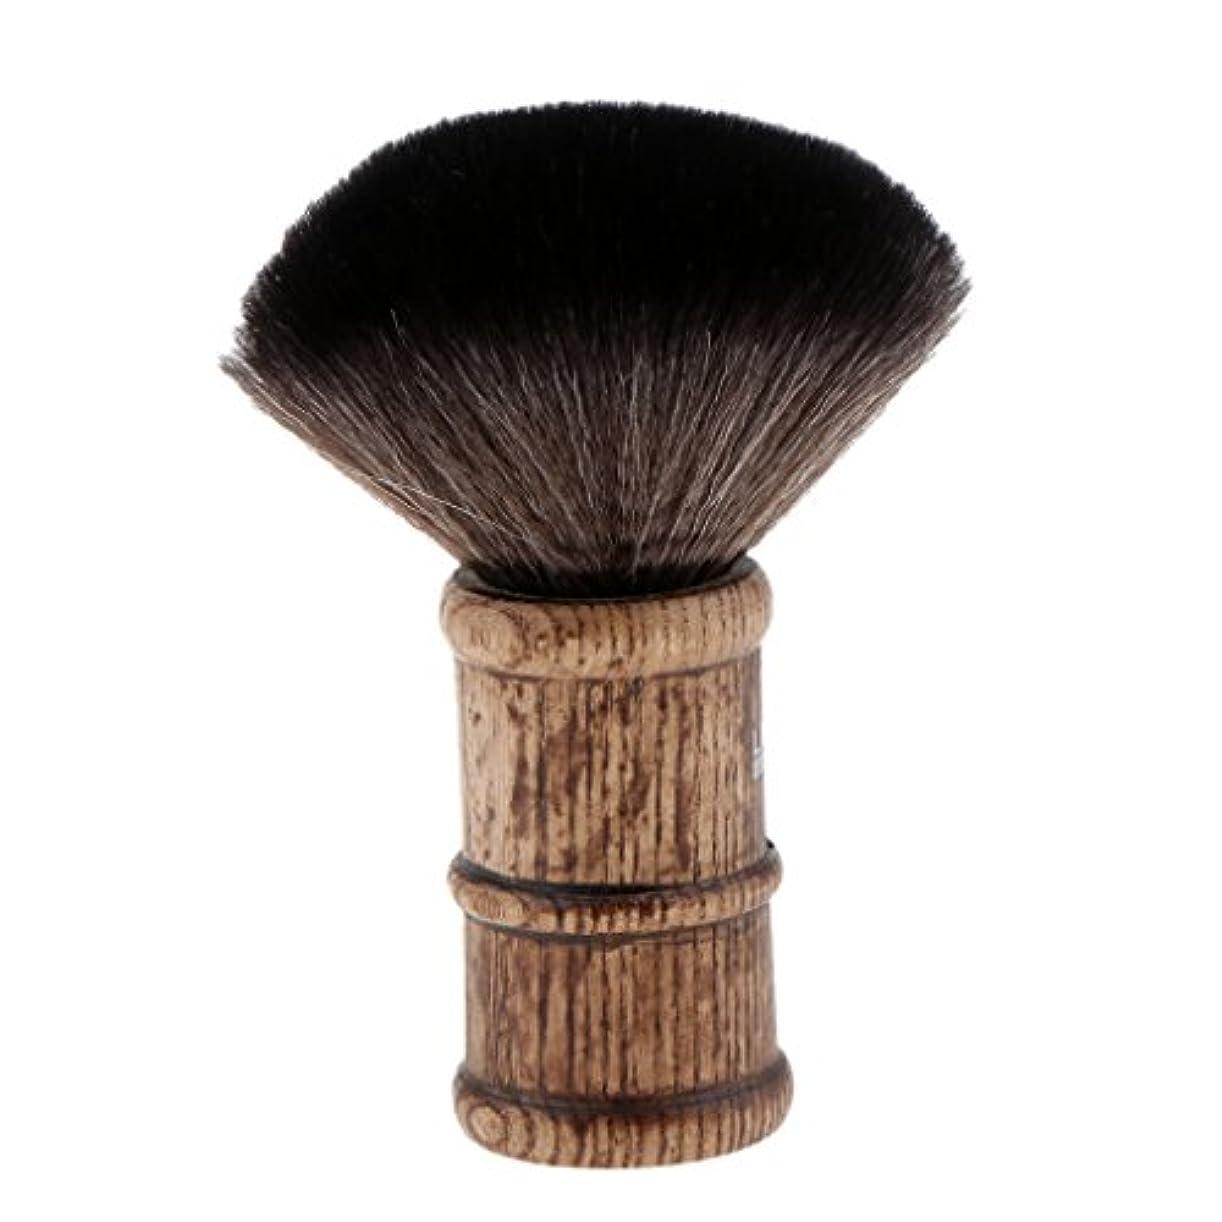 持っている資産いっぱいヘアカット ブラシ ネックダスターブラシ 散髪ブラシ 柔らかい フェイスブラシ 2色選べる - ブラック